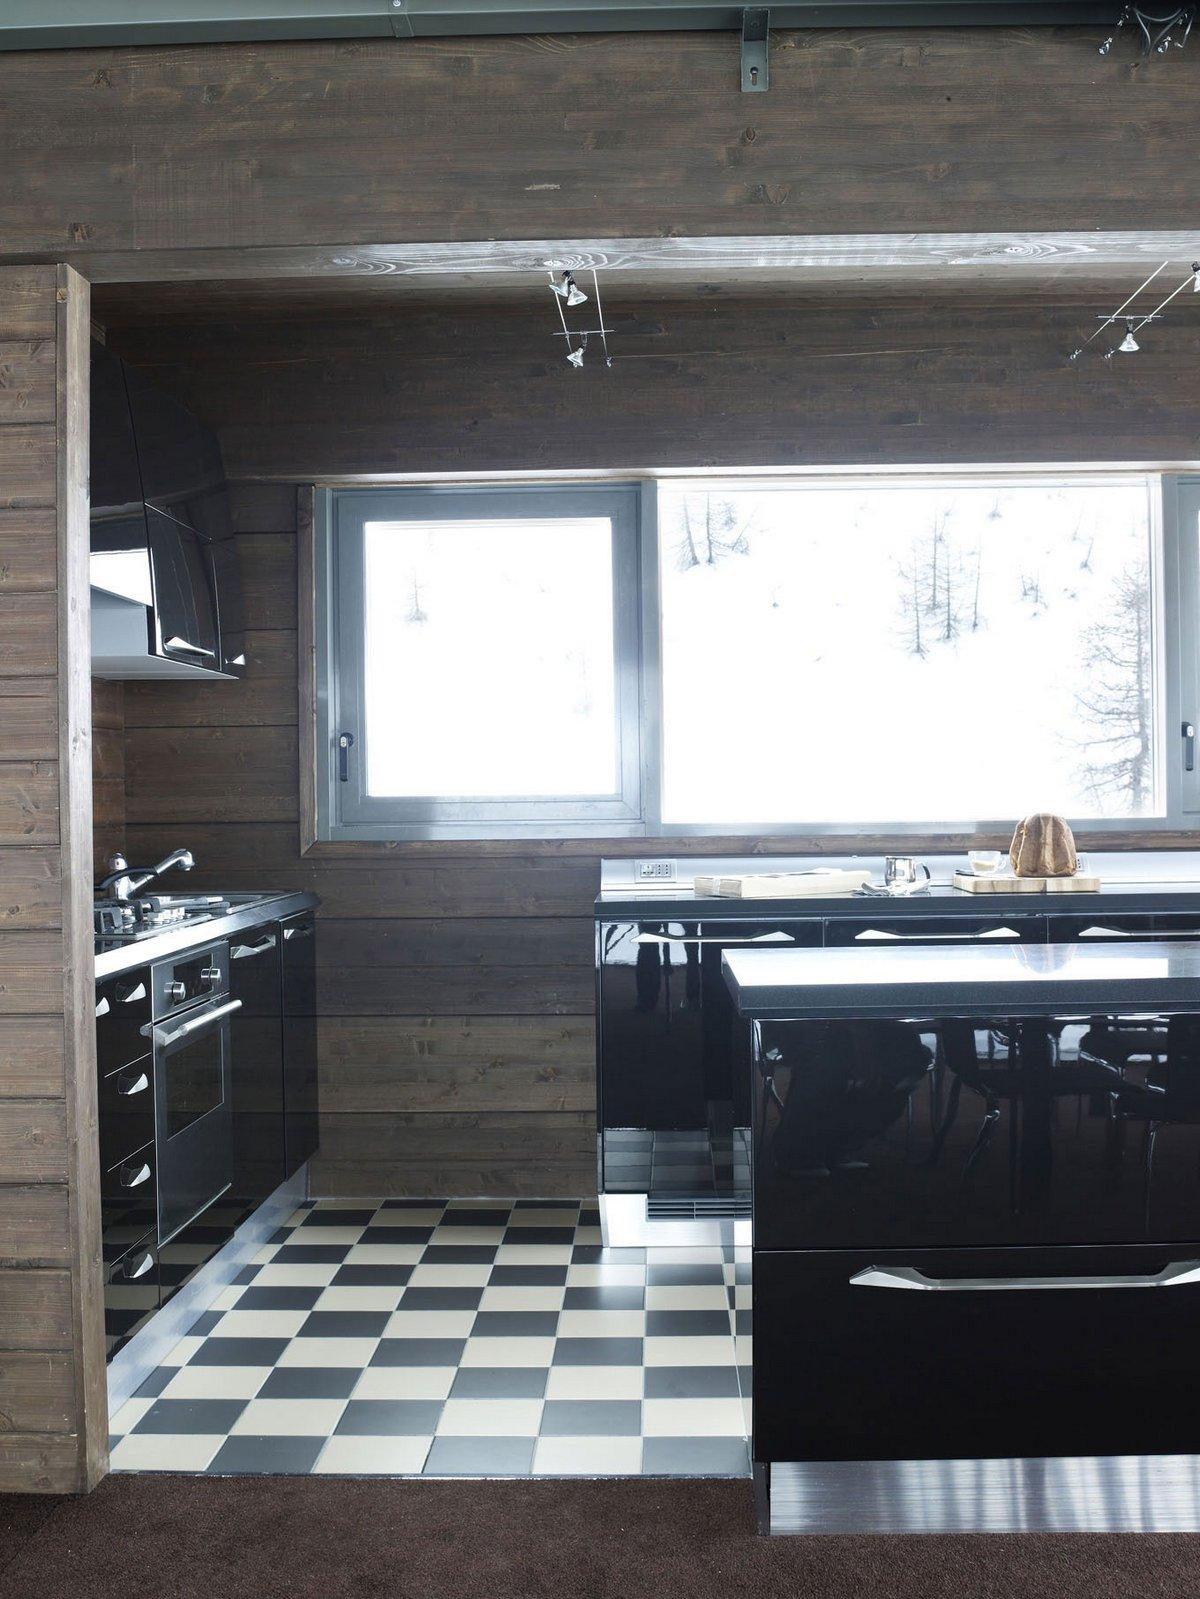 CON3STUDIO, проекты компании CON3STUDIO, Camelot-2, дома в регионе Пьемонт, недвижимость в провинции Турин, дом в горах, дом с видом на горы